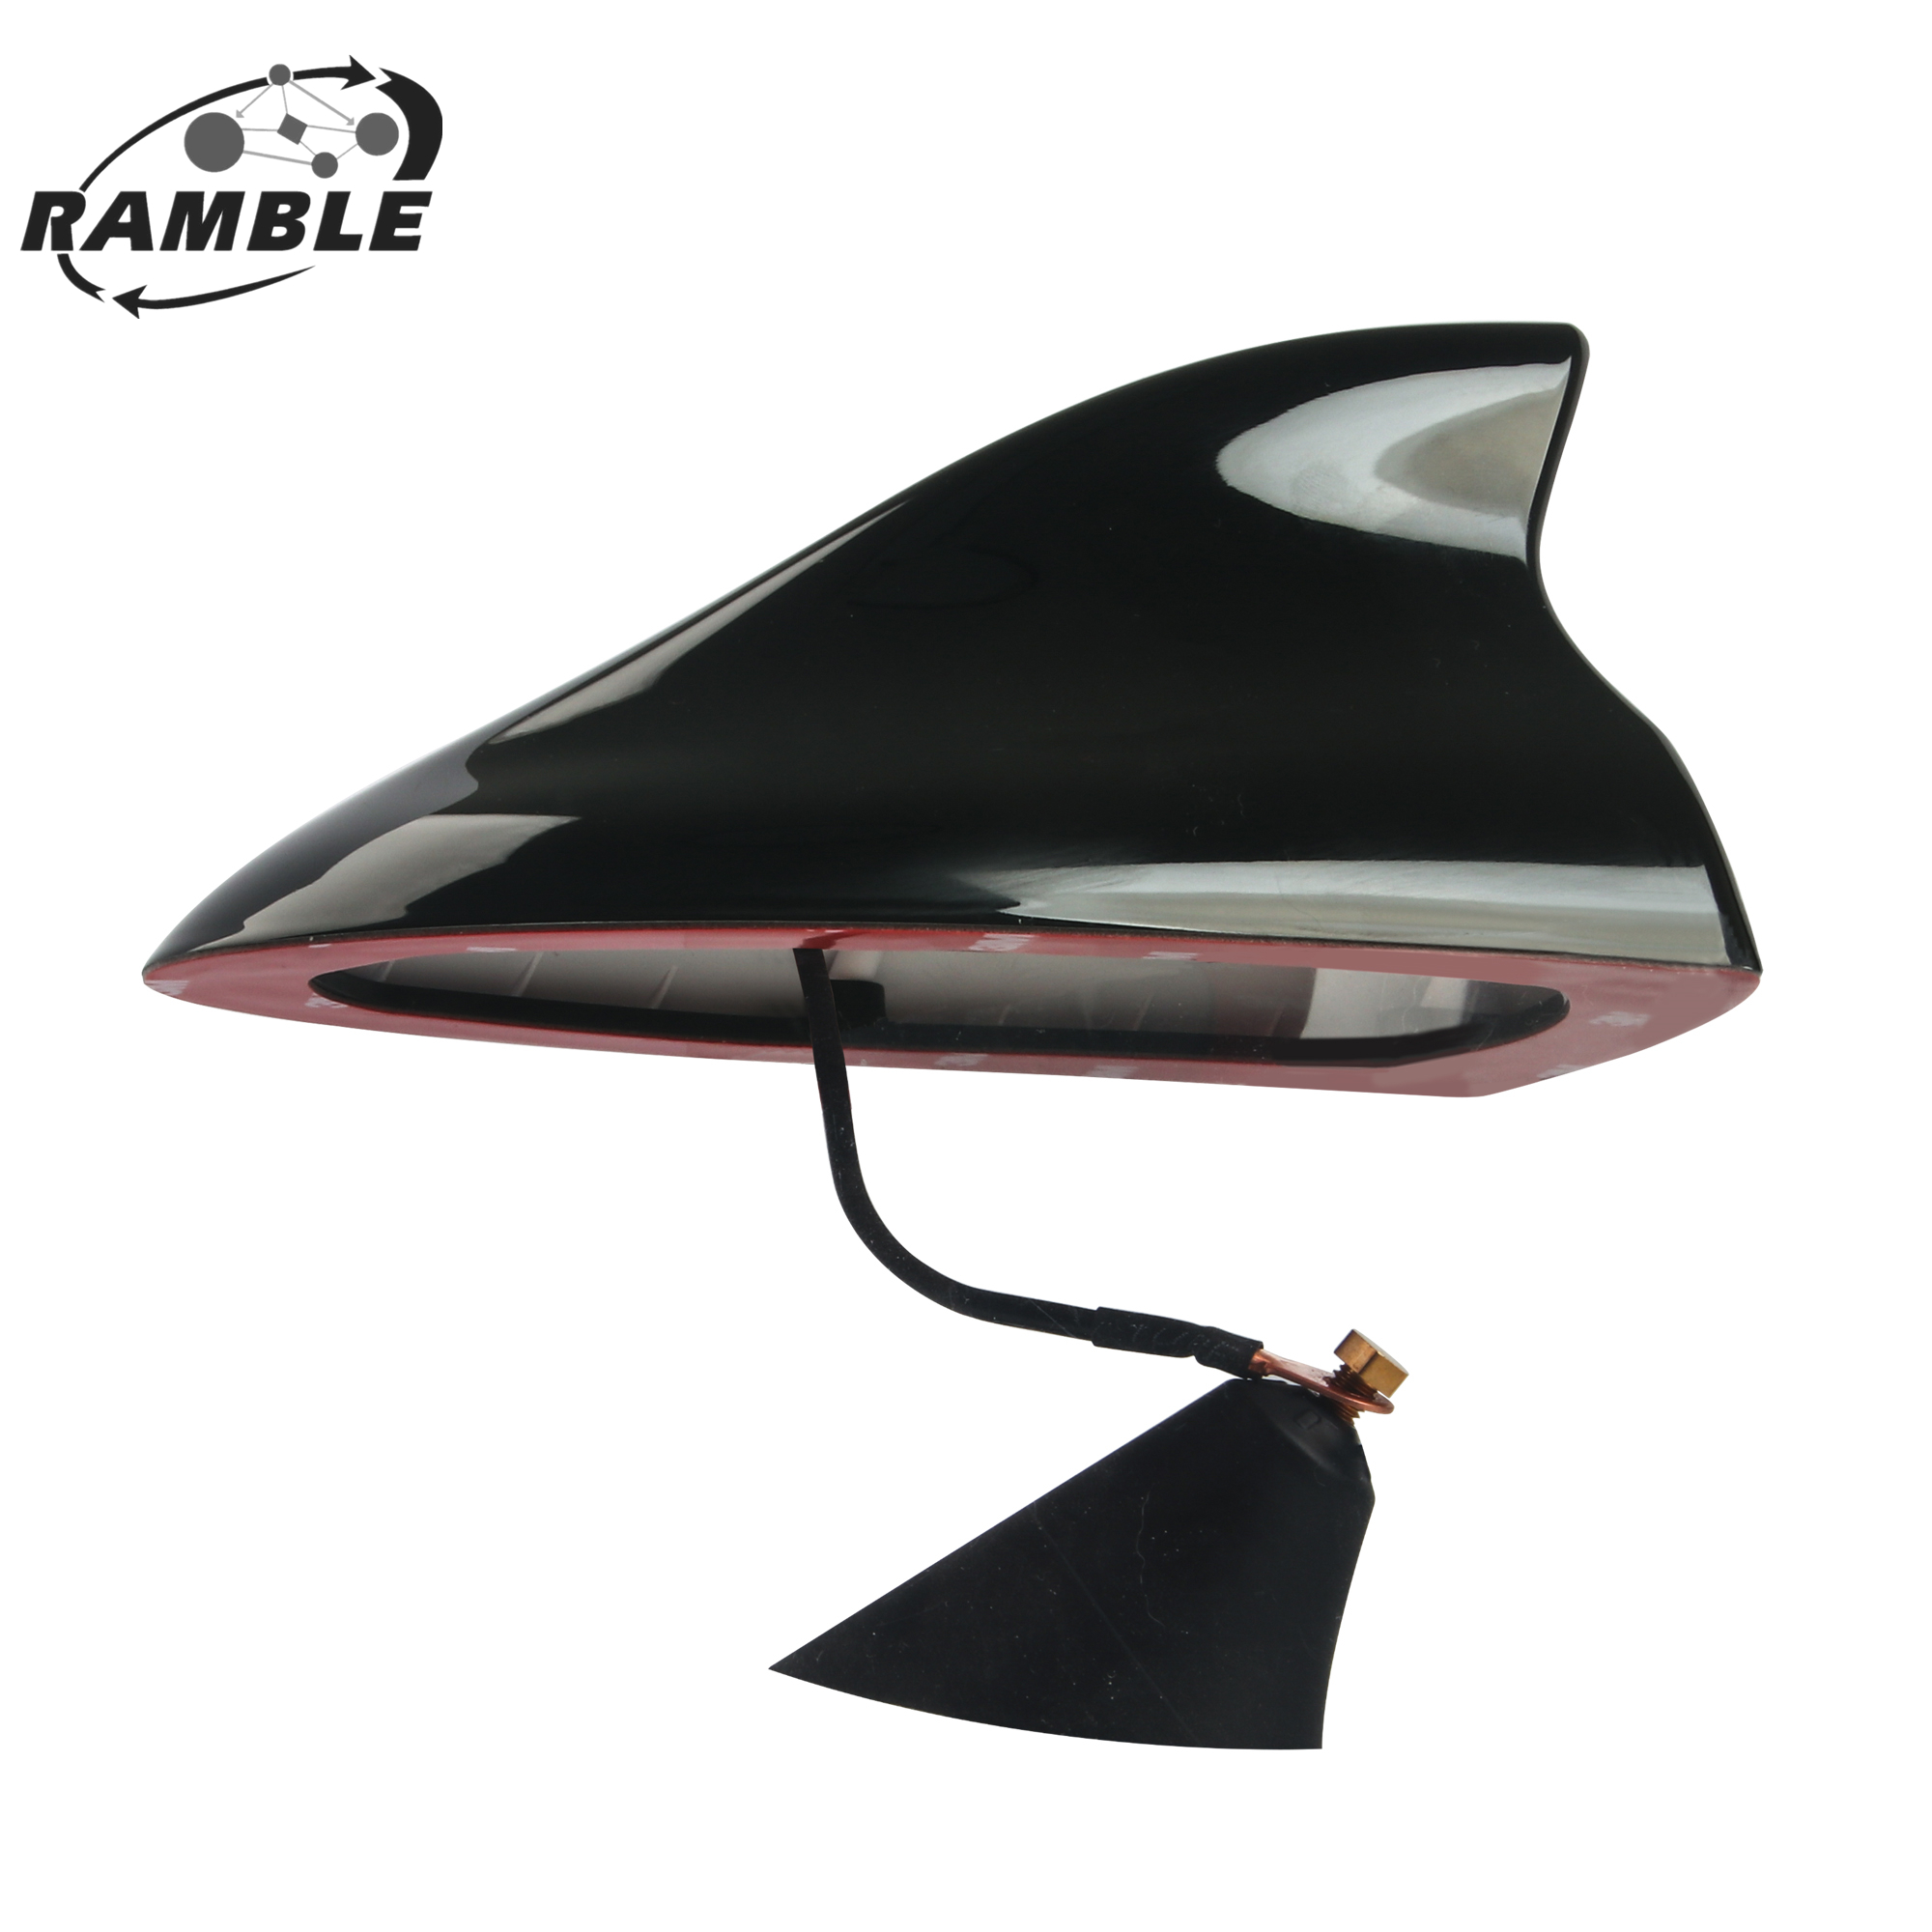 RAMBLE For Kia Sportage 3 4 R KX3 KX5 Soul Optima Shark Fin Antenna Cover Car Radio Aerials Accessories 2011 2012 2013 2019 New